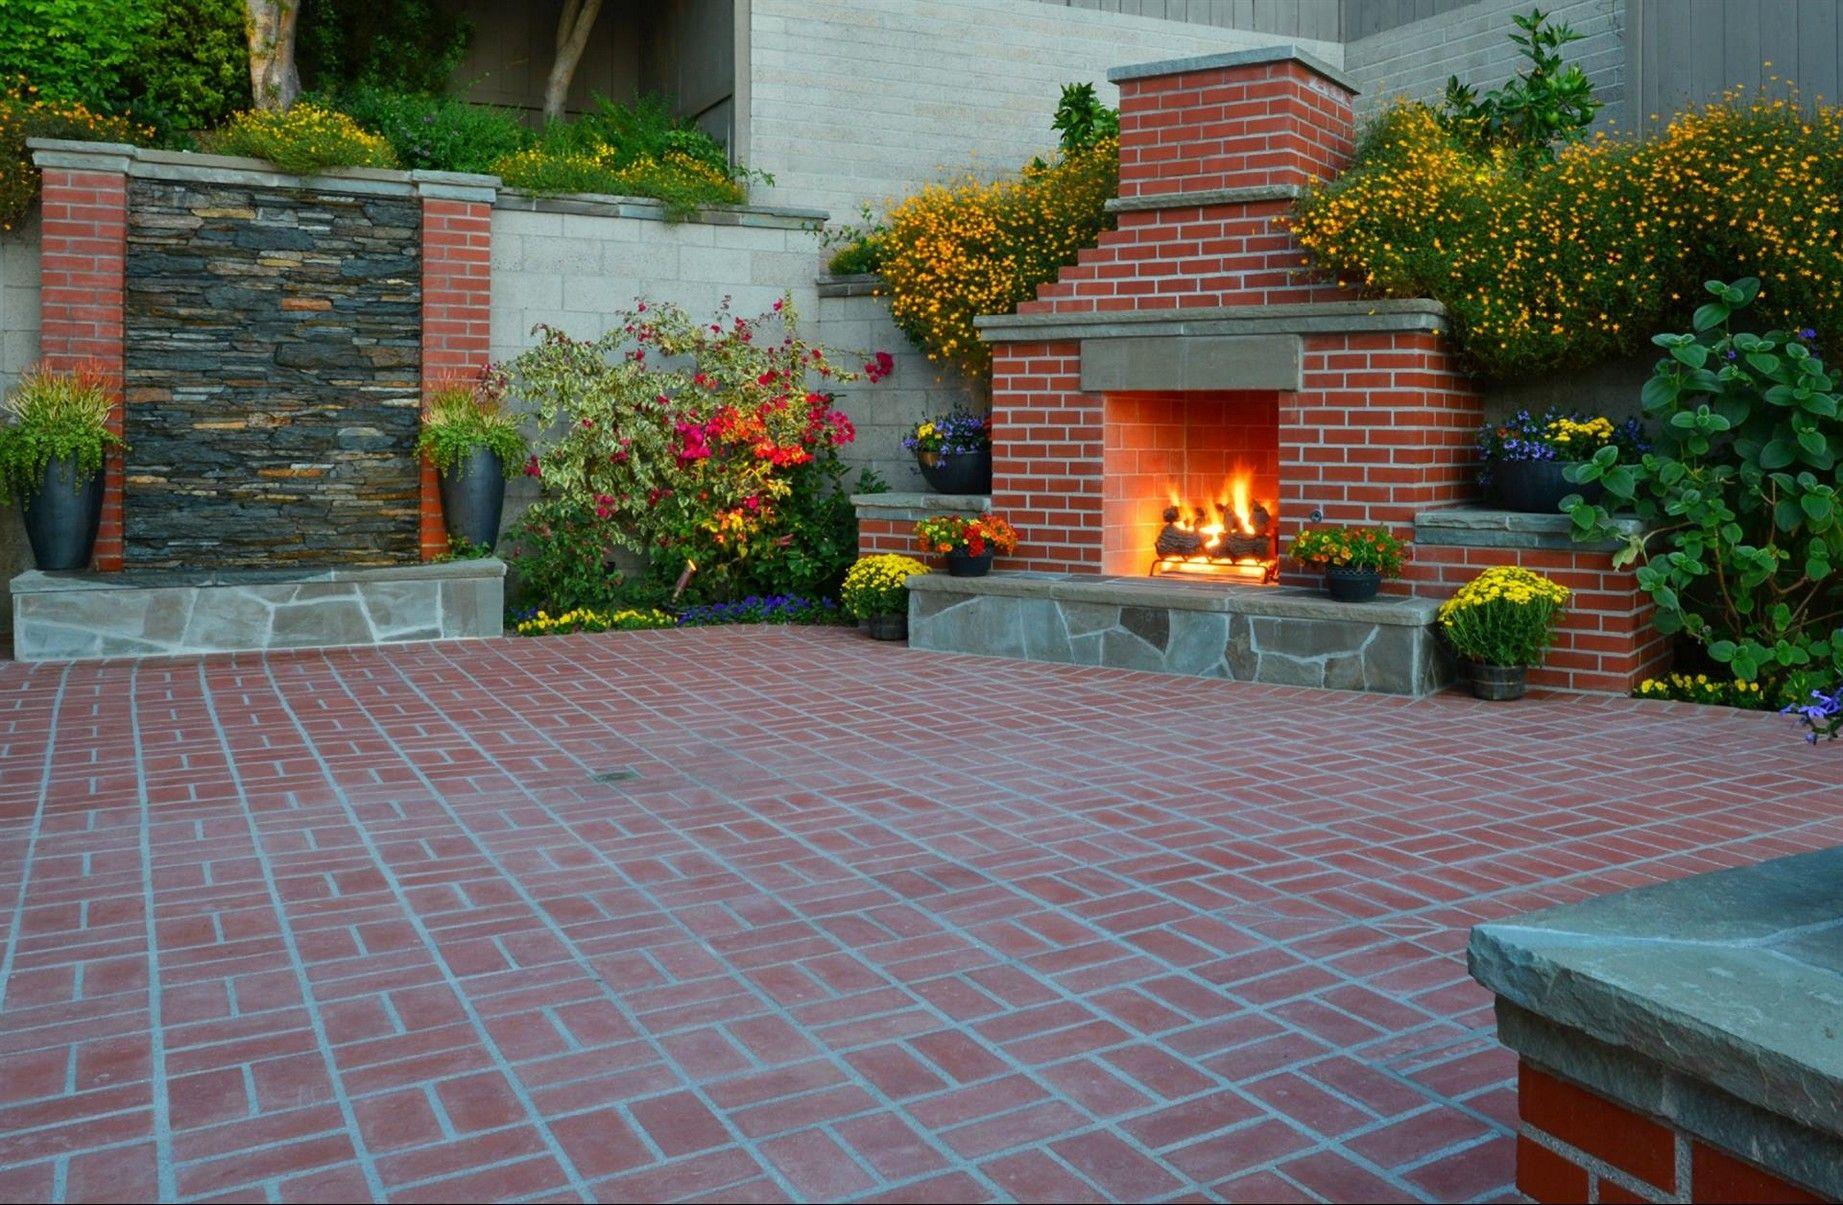 30 Vintage Patio Designs With Bricks Patio Brick Patios Patio